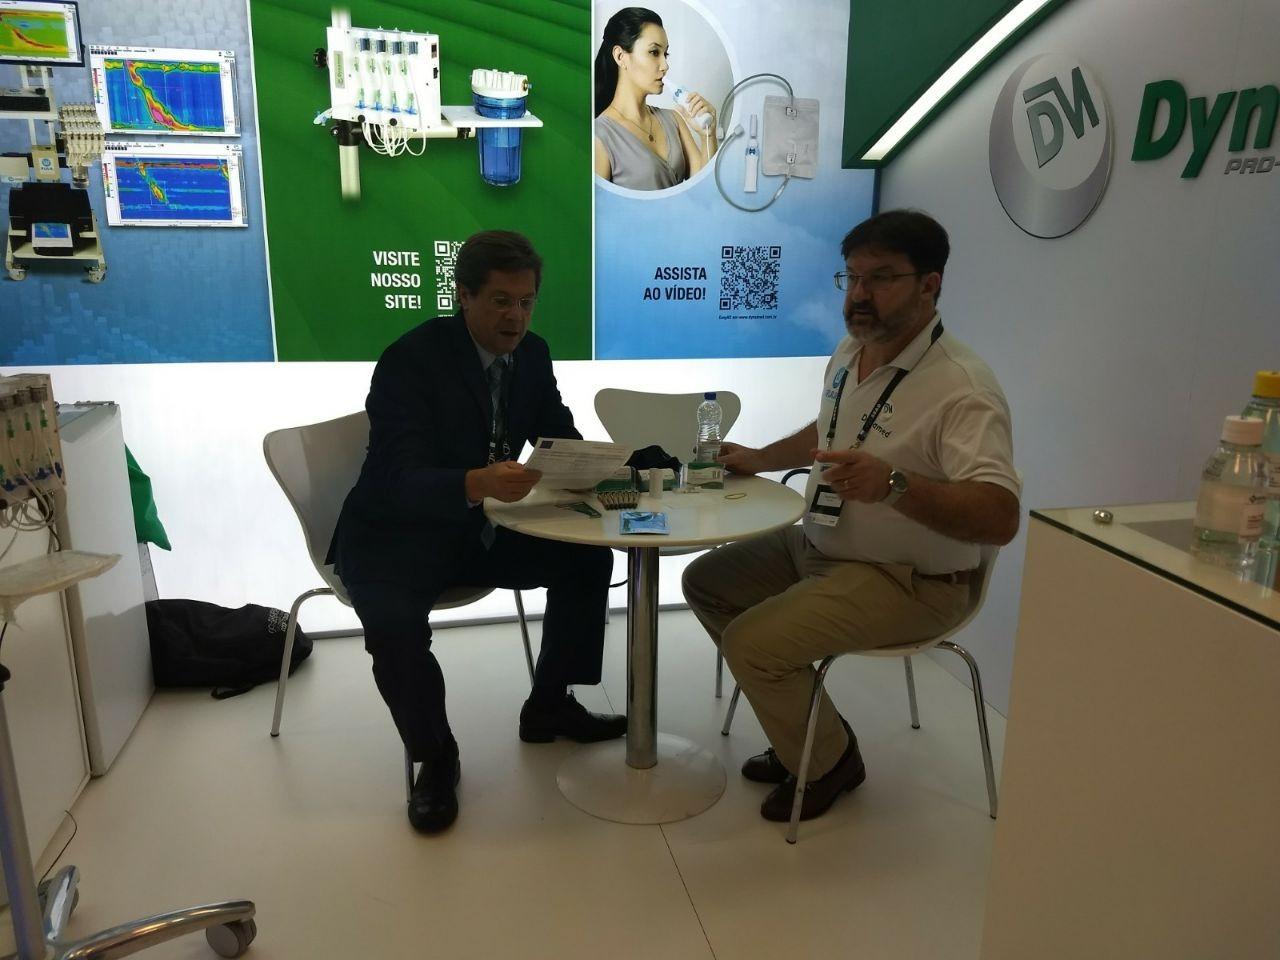 Sr. Manoel recebendo um grande amigo, incentivador e parceiro de 20 anos: Dr. Paulo Carvalho NUFIG - Hospital Israelita Albert Einstein.